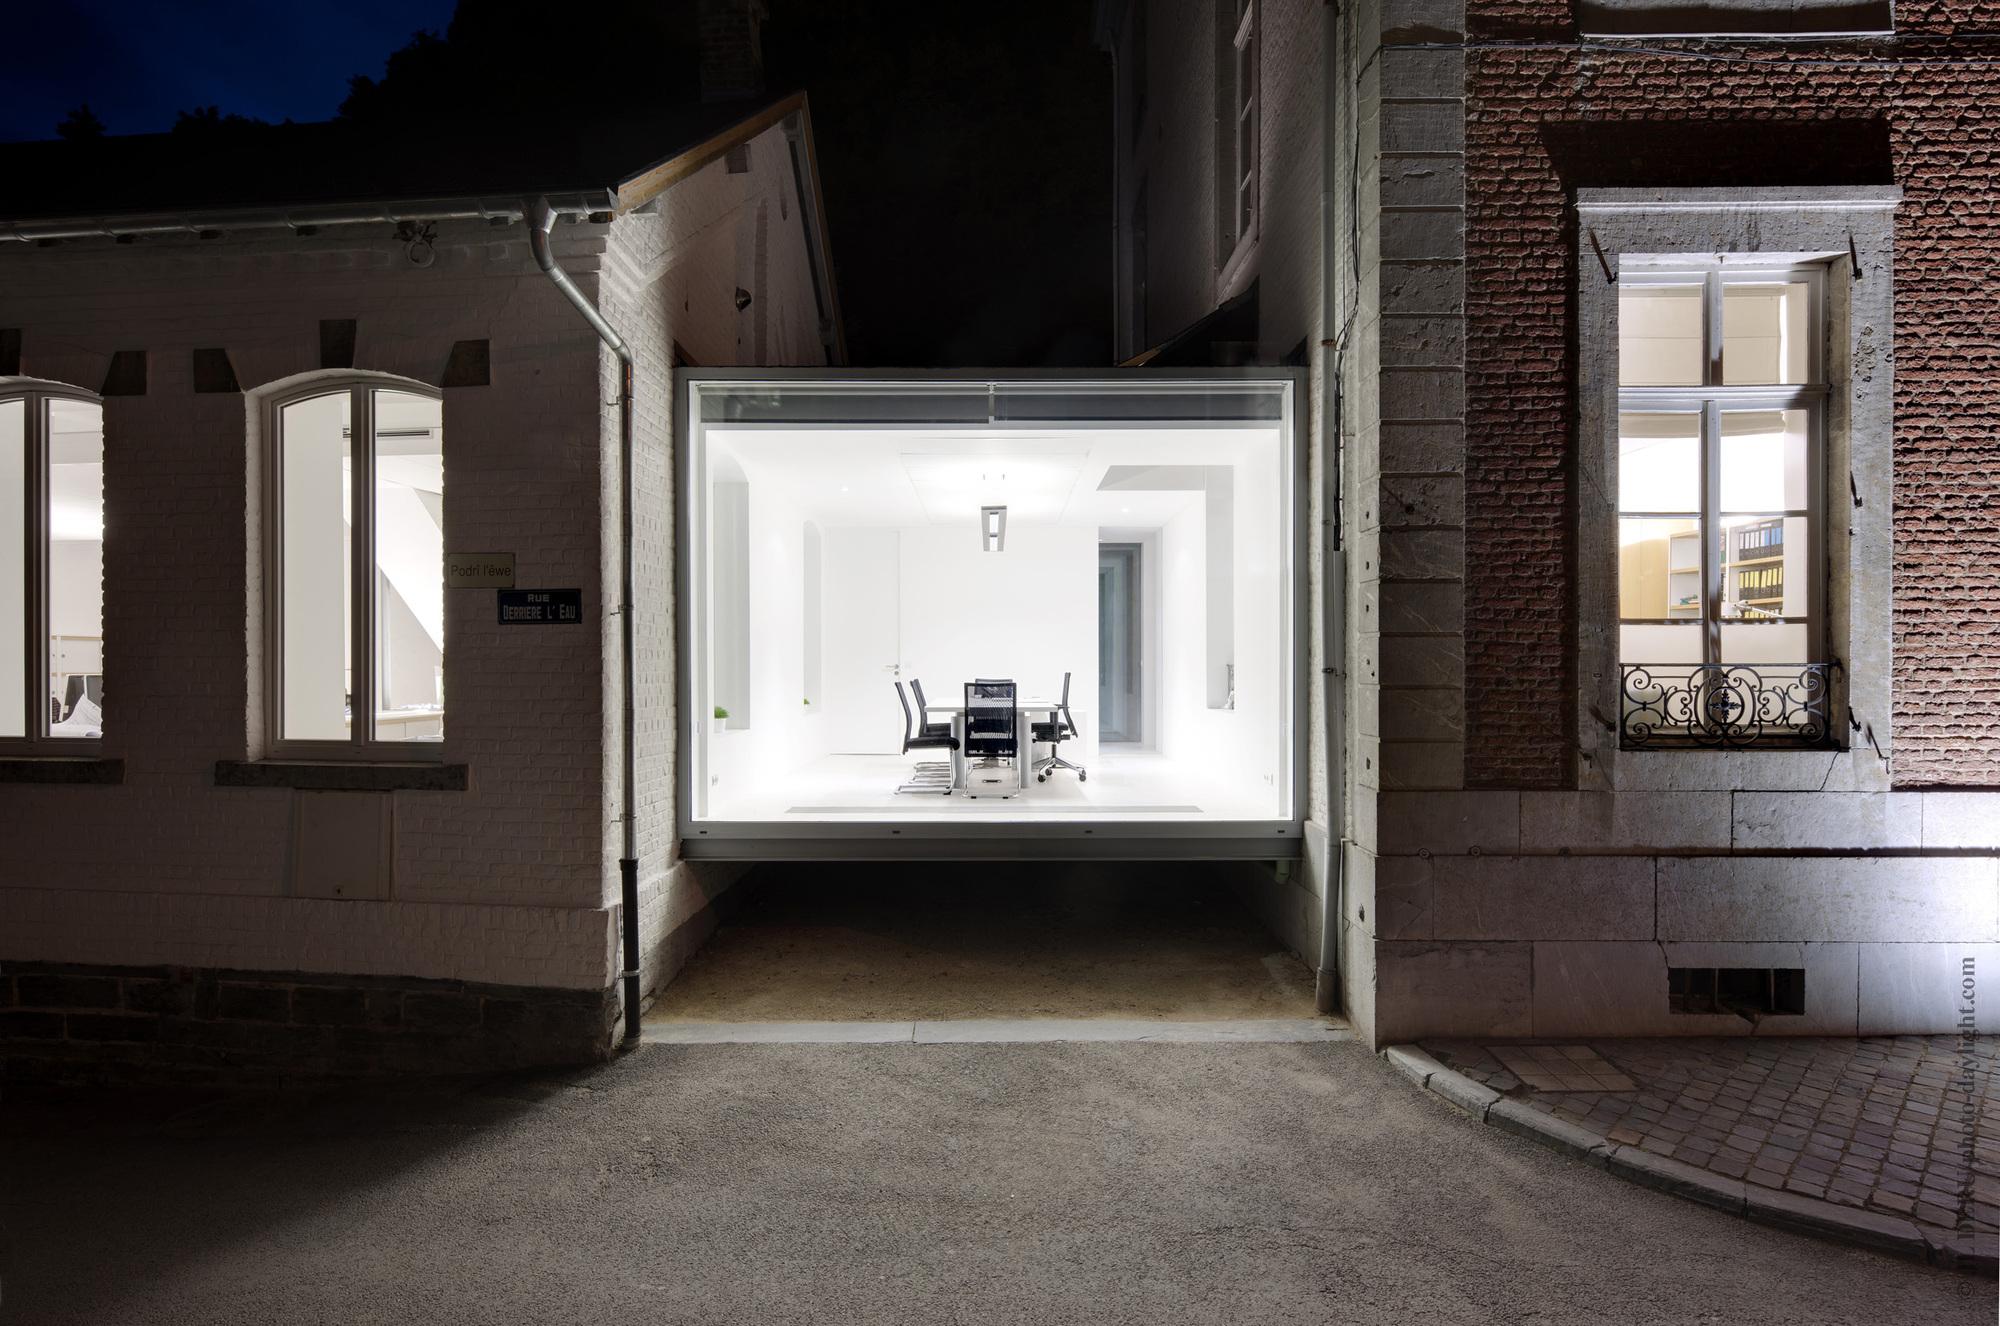 Artau Bureau / Artau Architecture, Cortesia de Artau Architecture